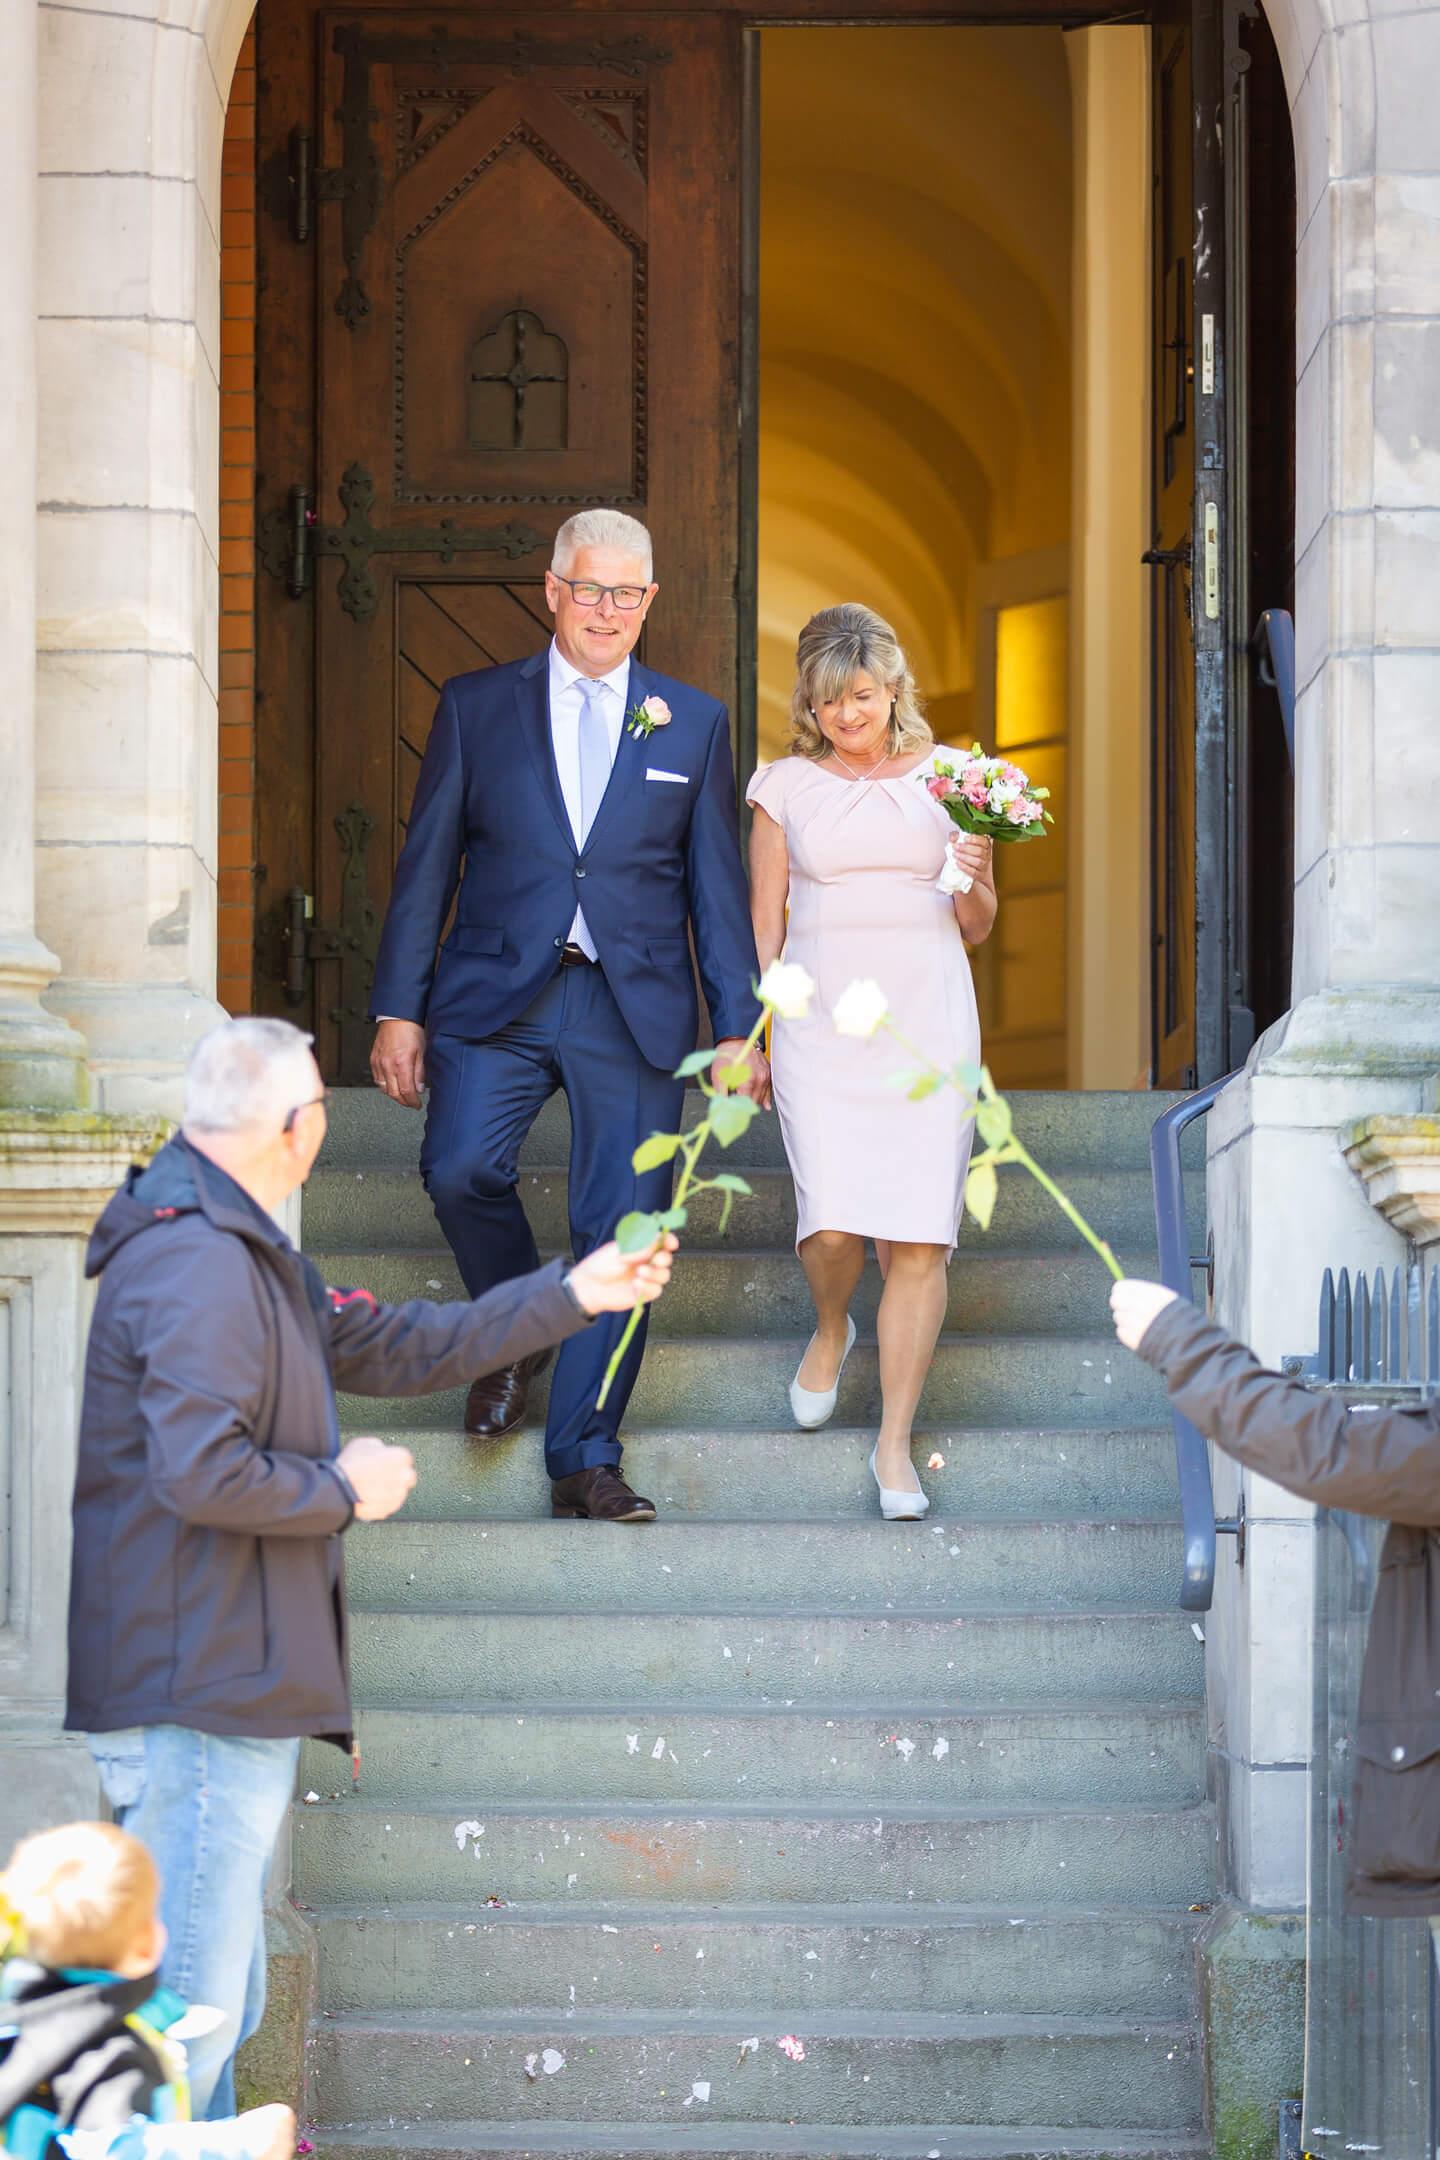 Hochzeitspaar schreitet aus dem Standesamt die Stufen herunter